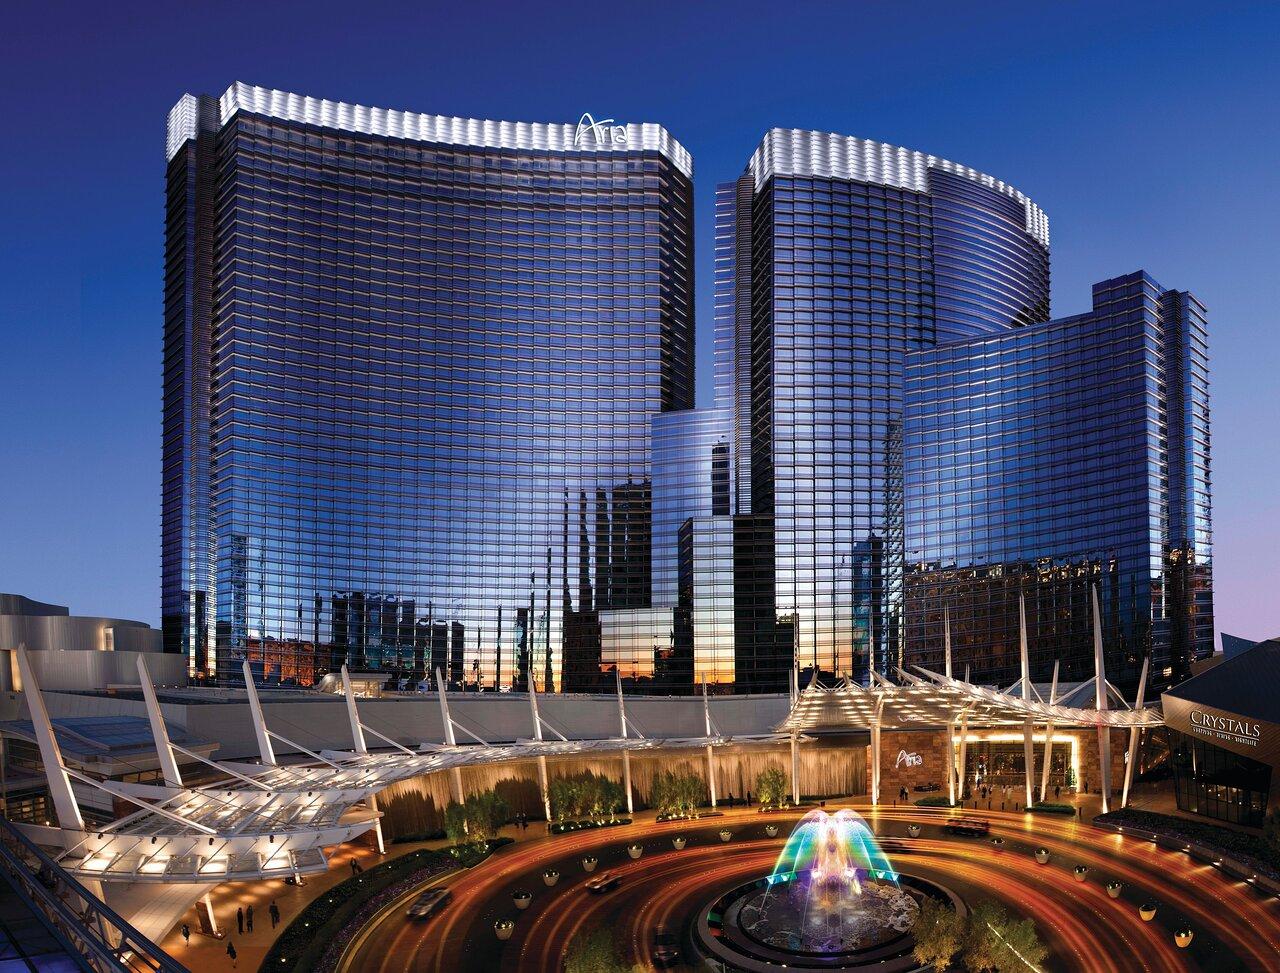 แอเรียรีสอร์ทแอนด์คาซิโน ARIA Resort & Casino